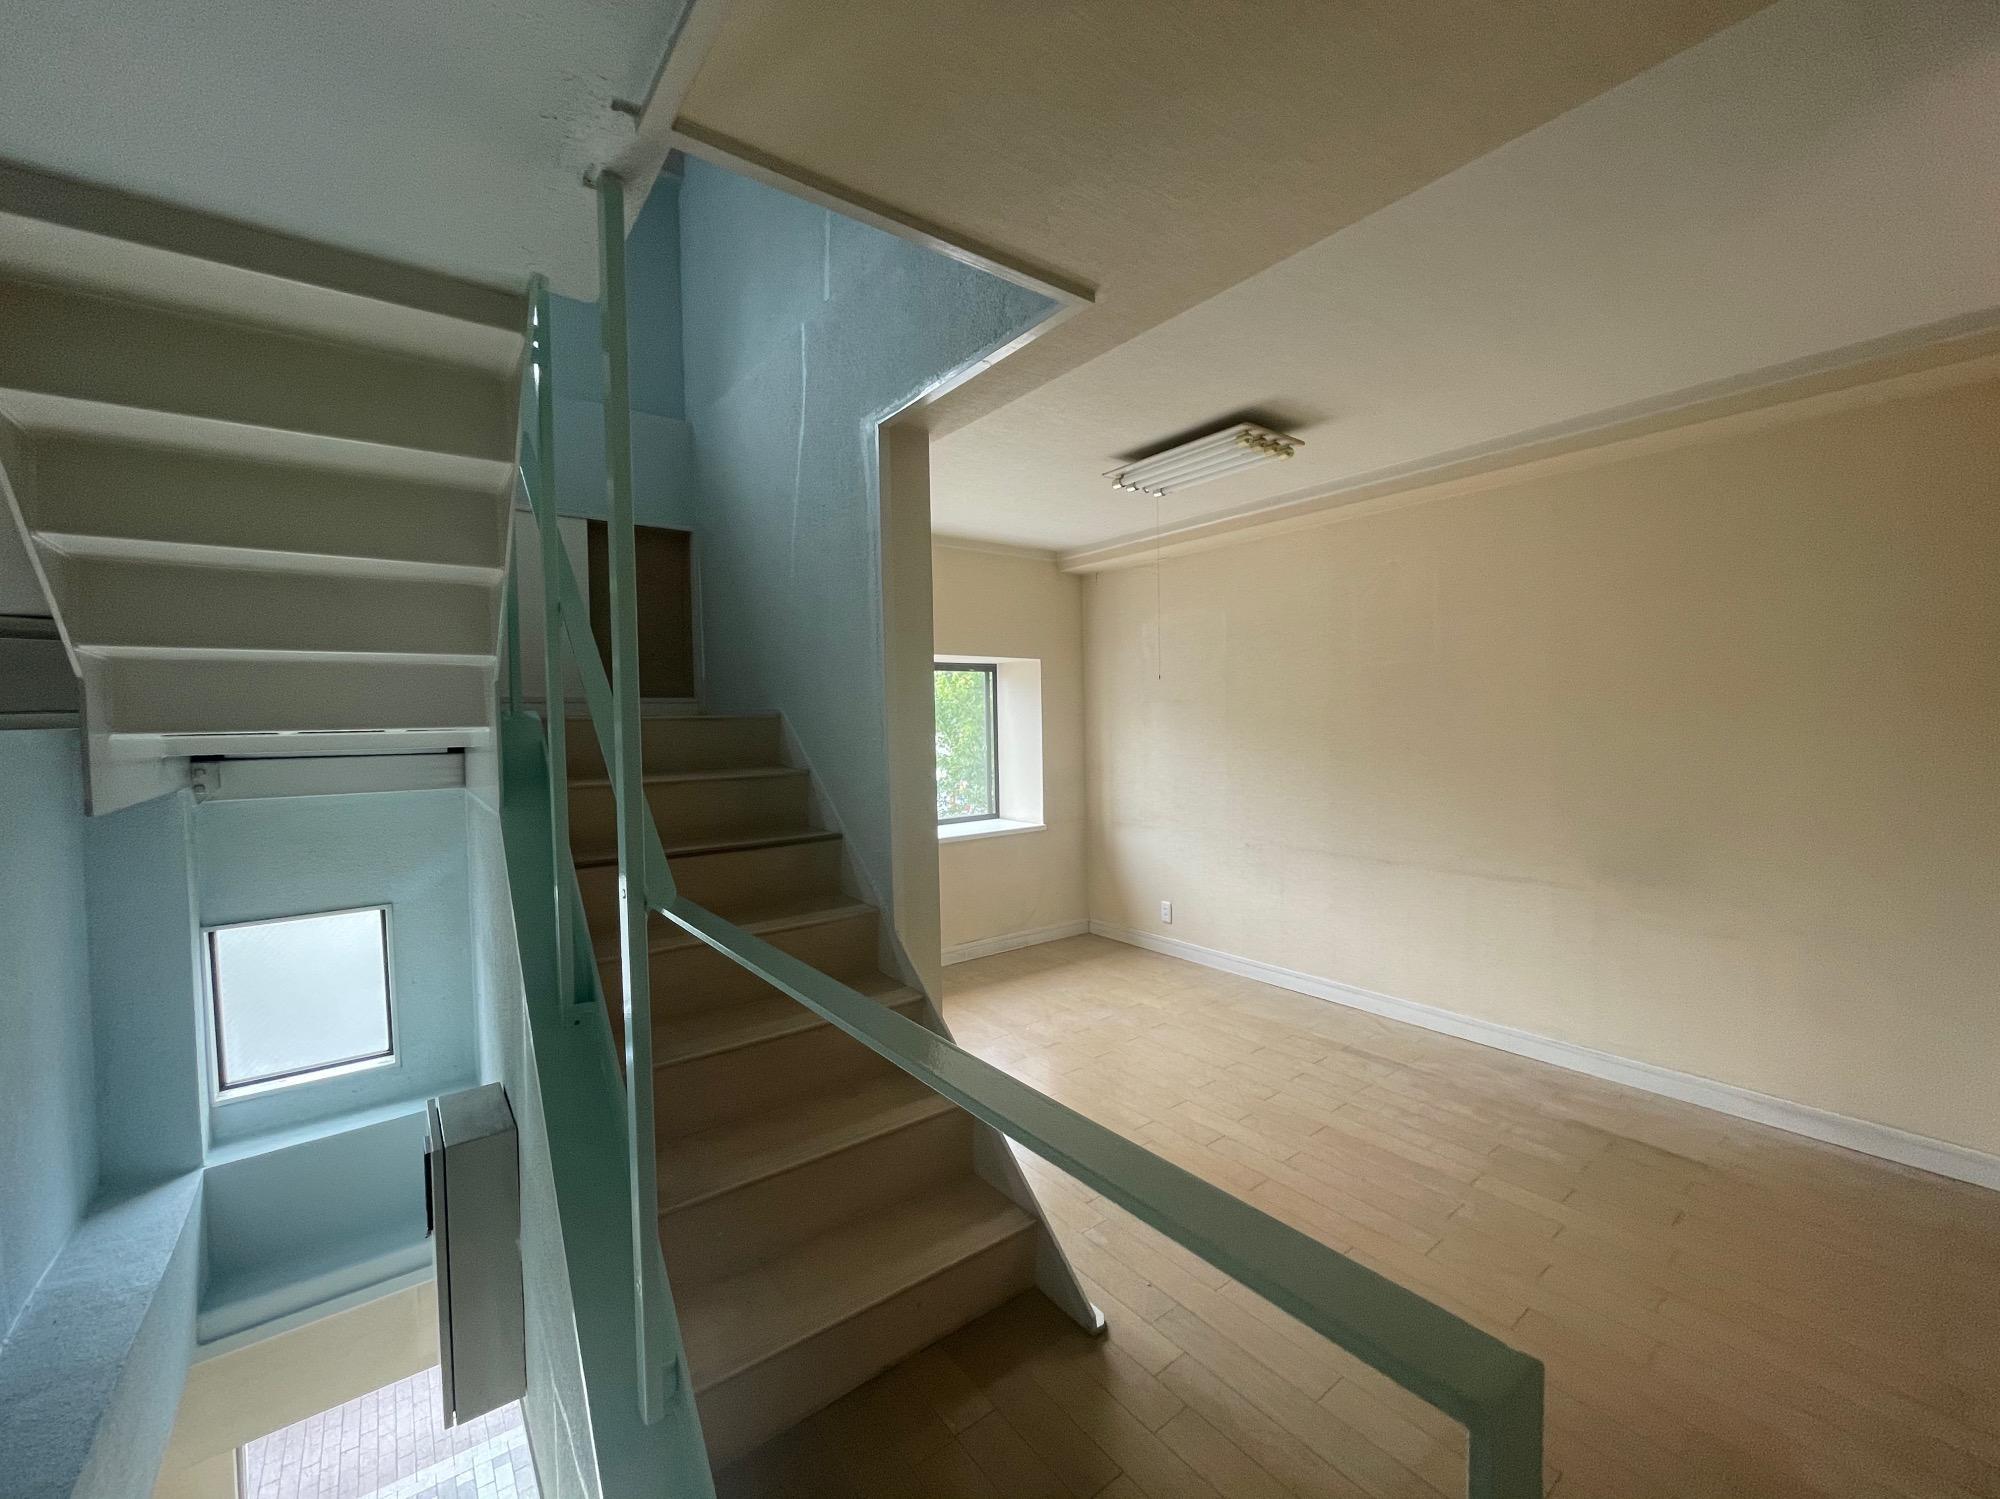 2階以上の空間はこのような形